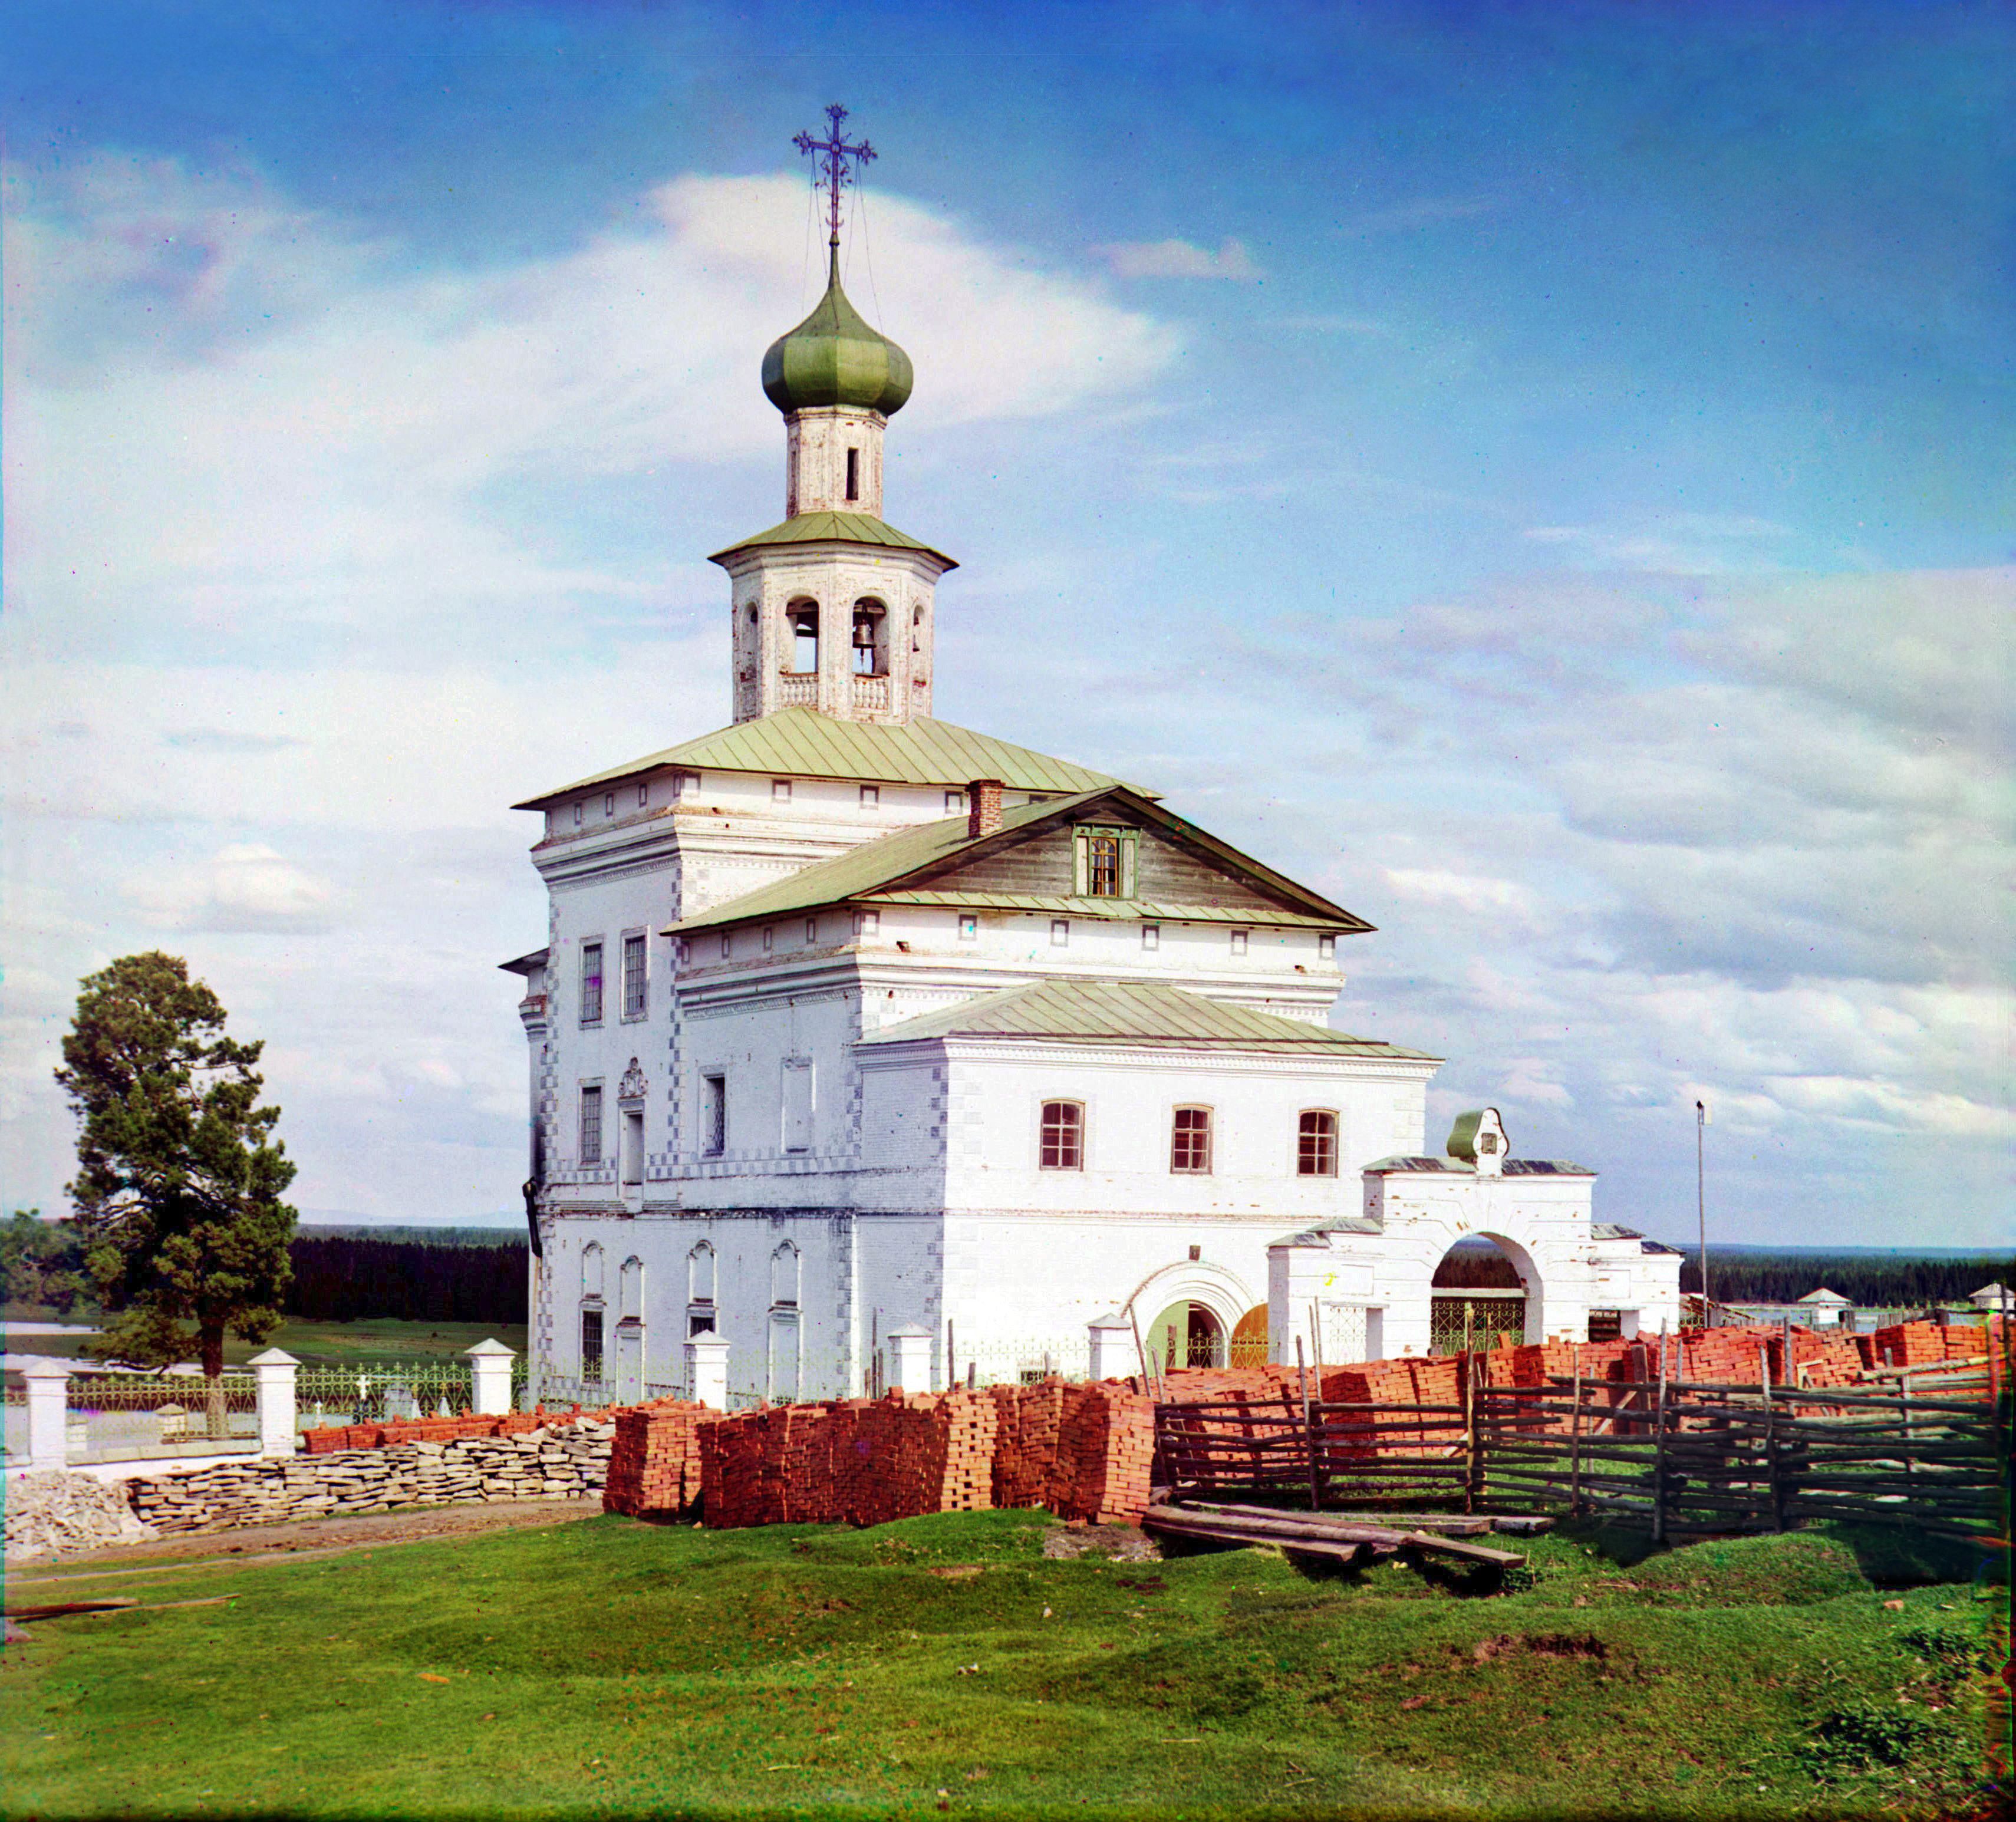 Женский монастырь в Чердыне (древнейшая церковь в крае). Собор Иоанна Богослова